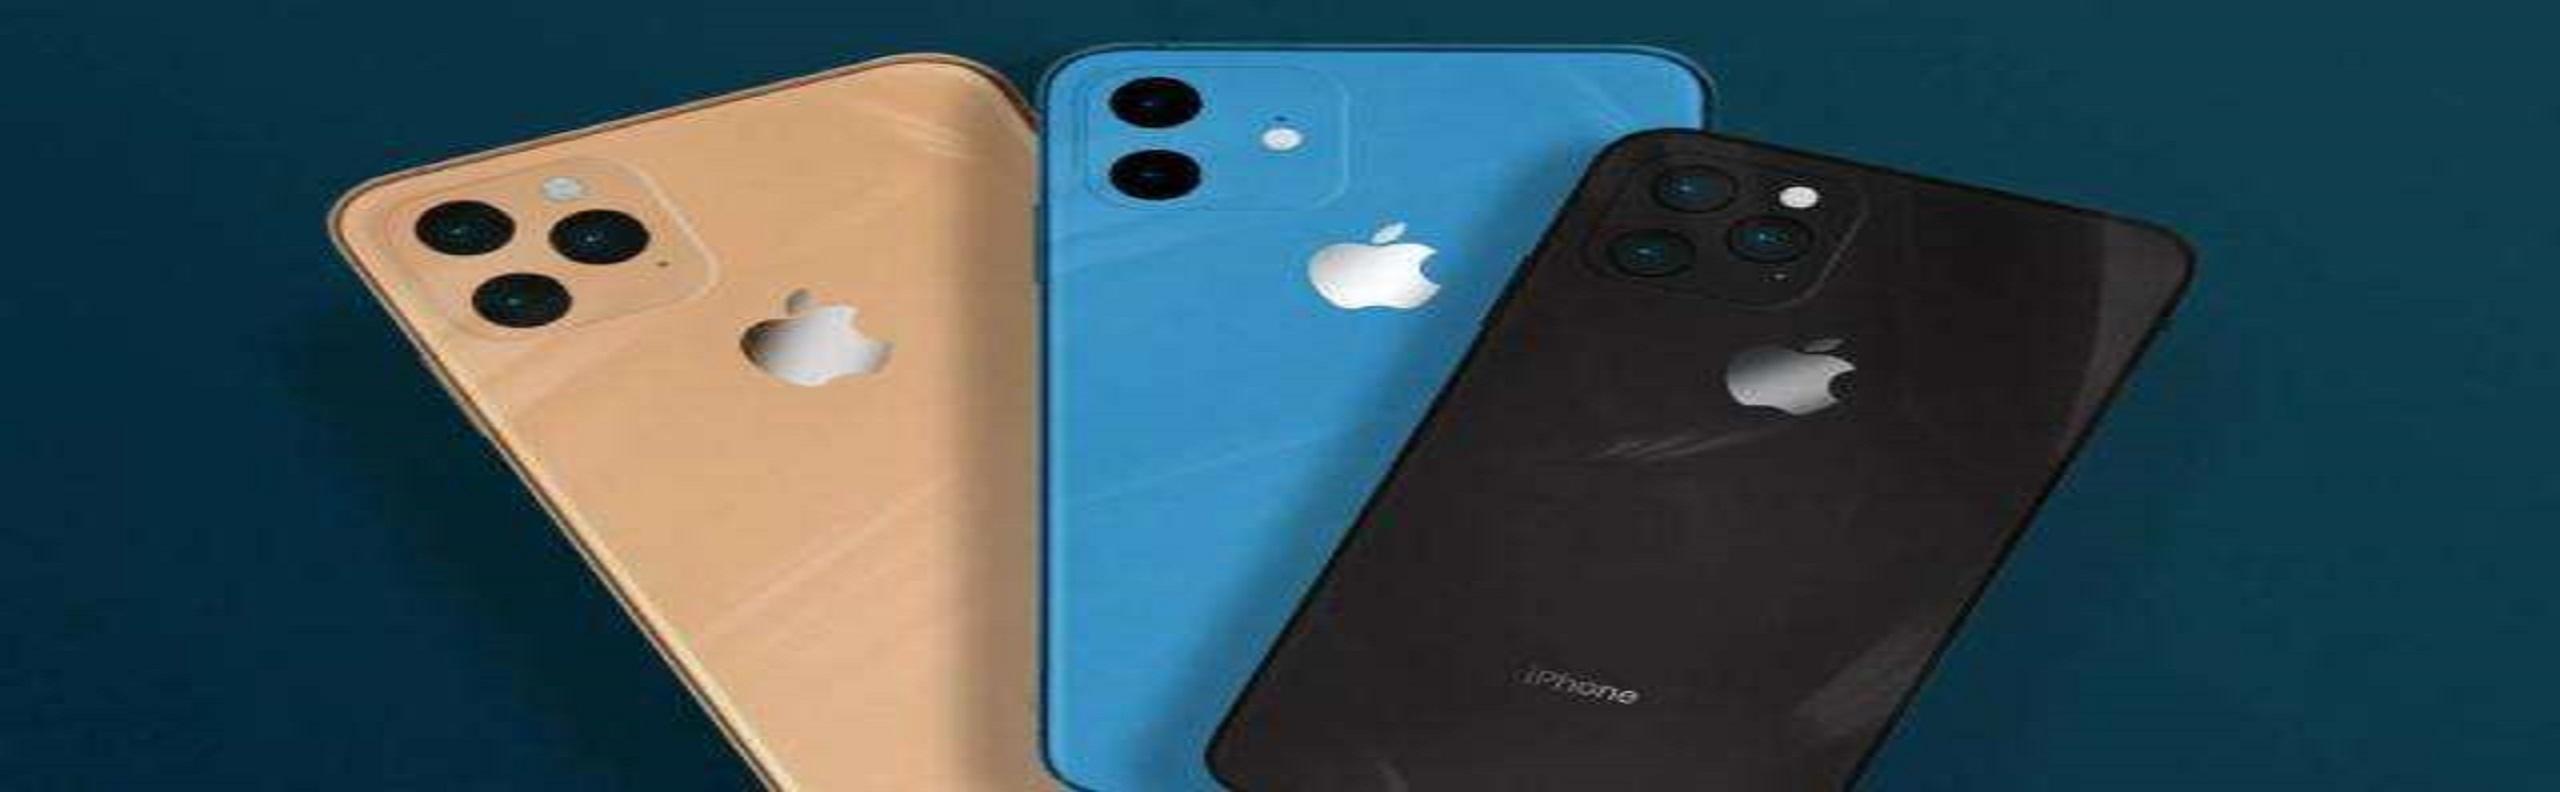 苹果新品缺席5G功能 智能手机进入存量博弈阶段